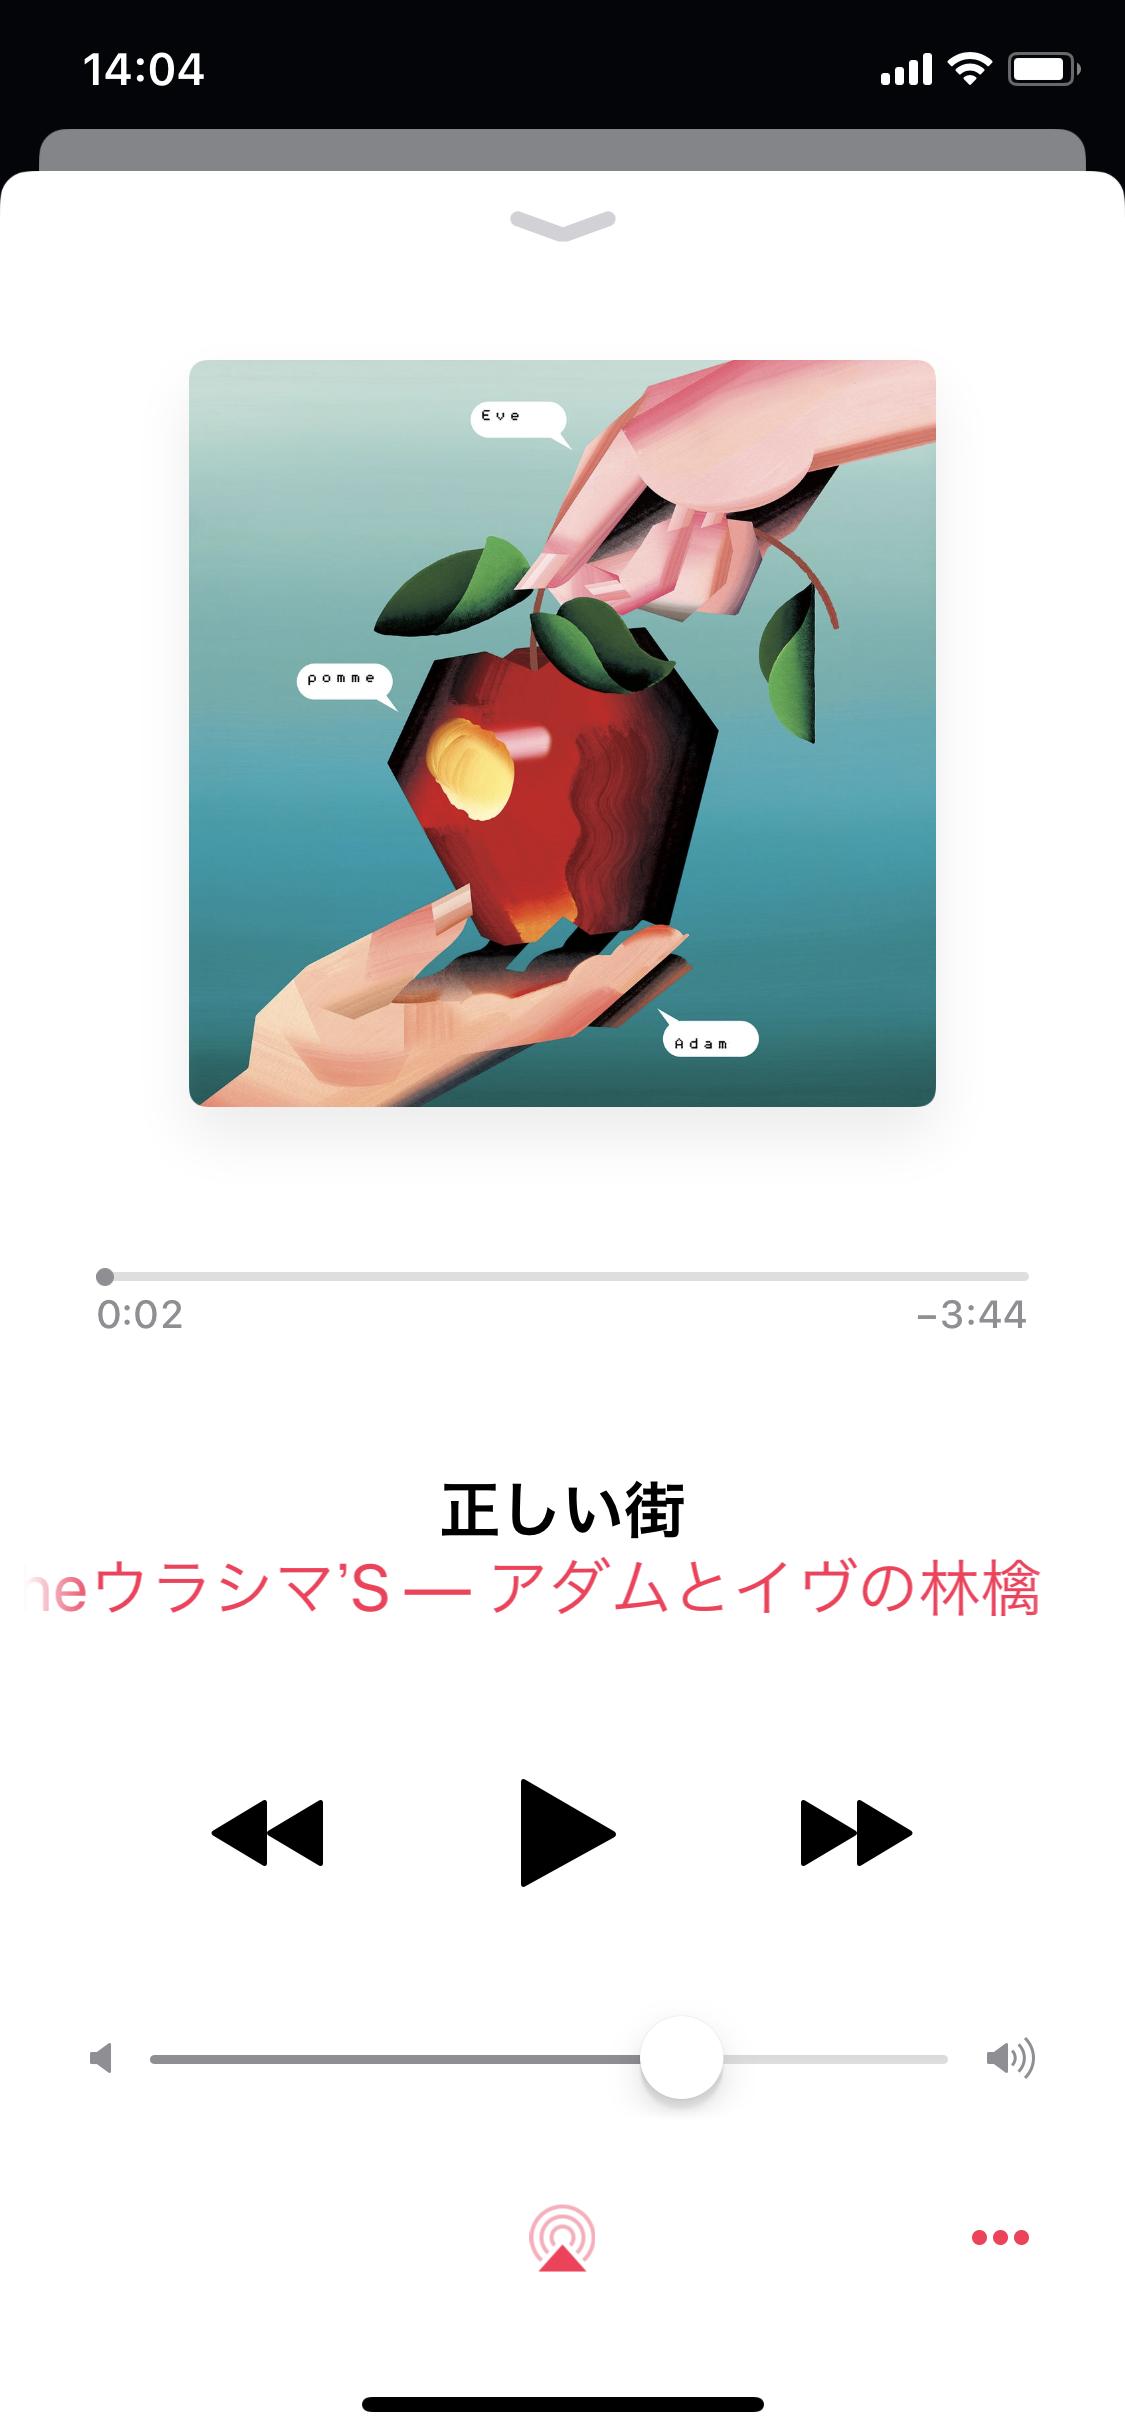 最近ダウンロードしたor買った曲